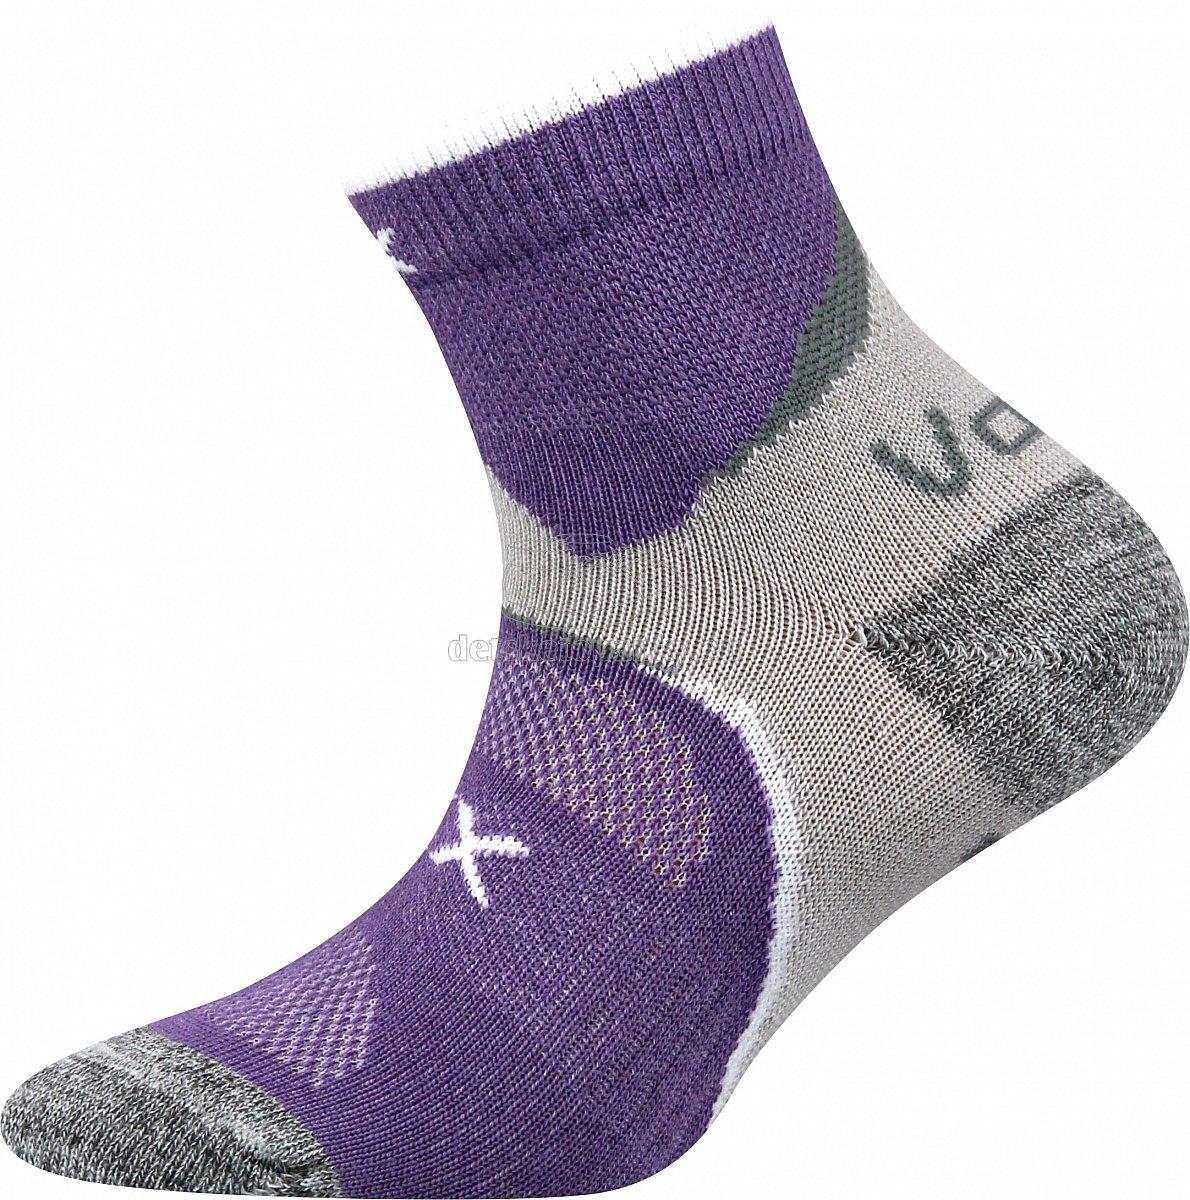 Detské ponožky. Ideálny odvod potu, antibakteriálna ochrana iónmi striebra v materiáli silproX. Teplotná trieda A.   Zloženie:  elastan 5% polypropylén 60% bavlna 35% VoXX Maxterik fialová